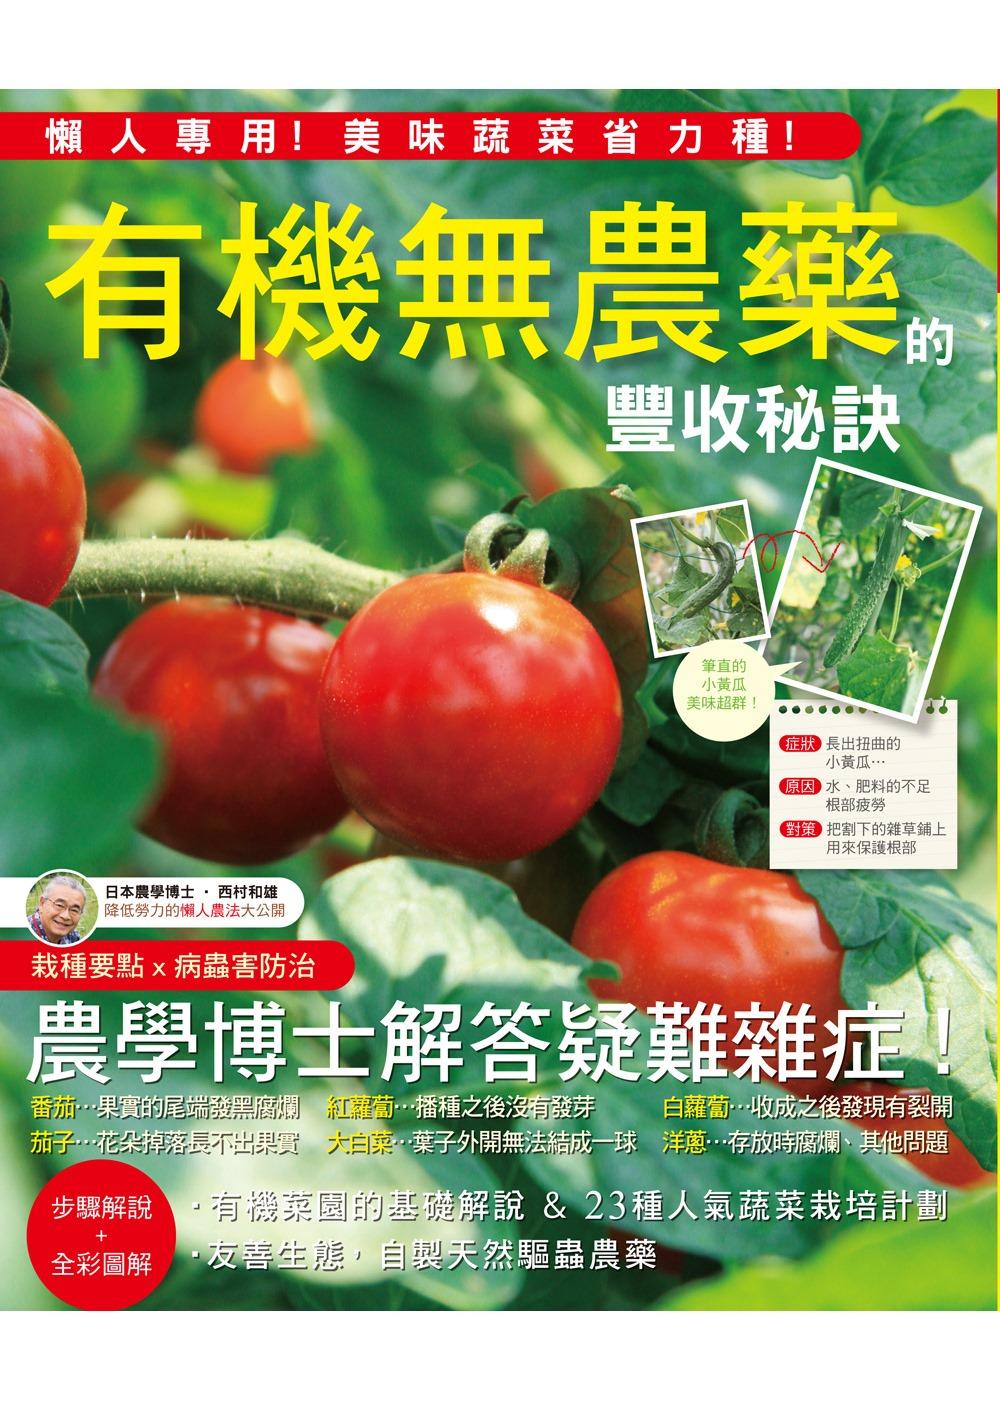 有機無農藥的豐收秘訣:懶人專用~不用費力除草也能大豐收!